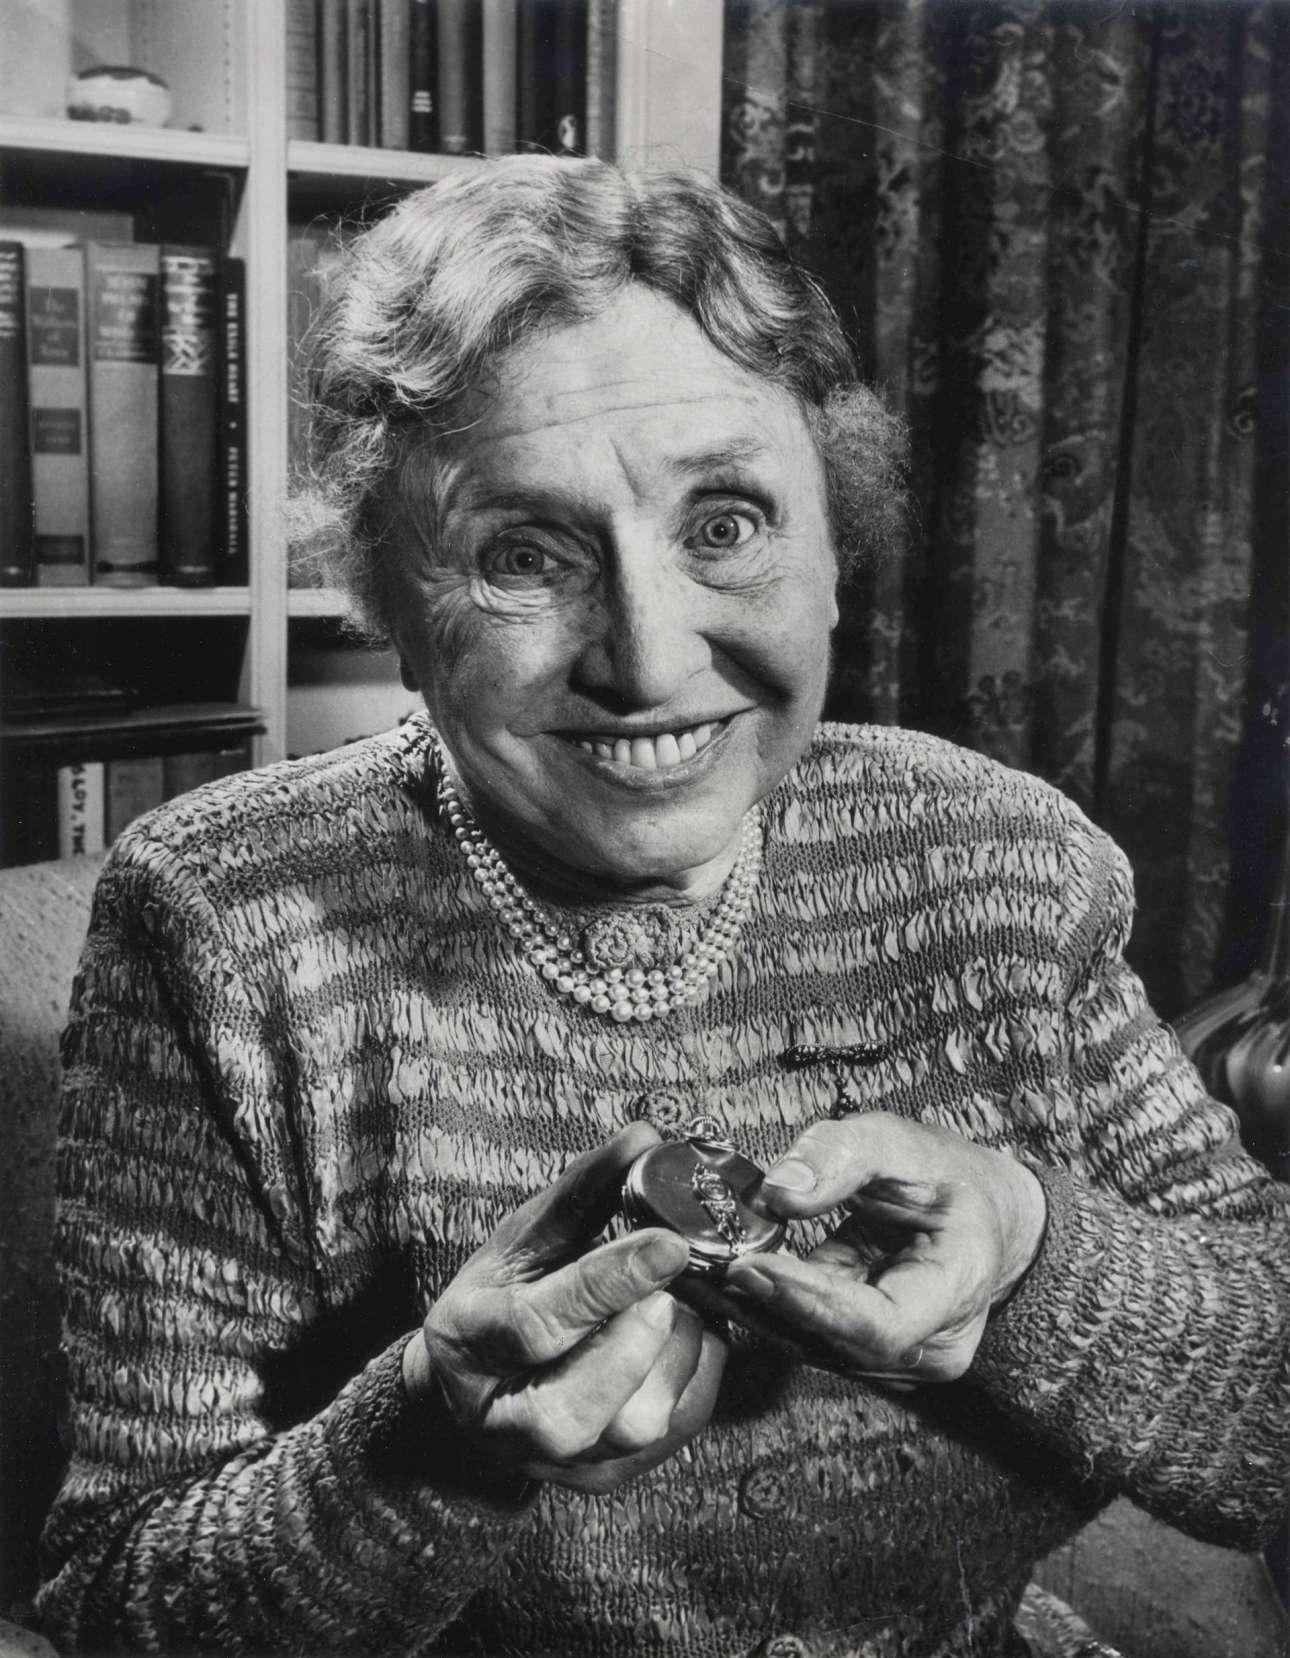 Η συγγραφέας Χέλεν Κέλερ χαμογελάει πλατιά στον φακό του Μπάροους